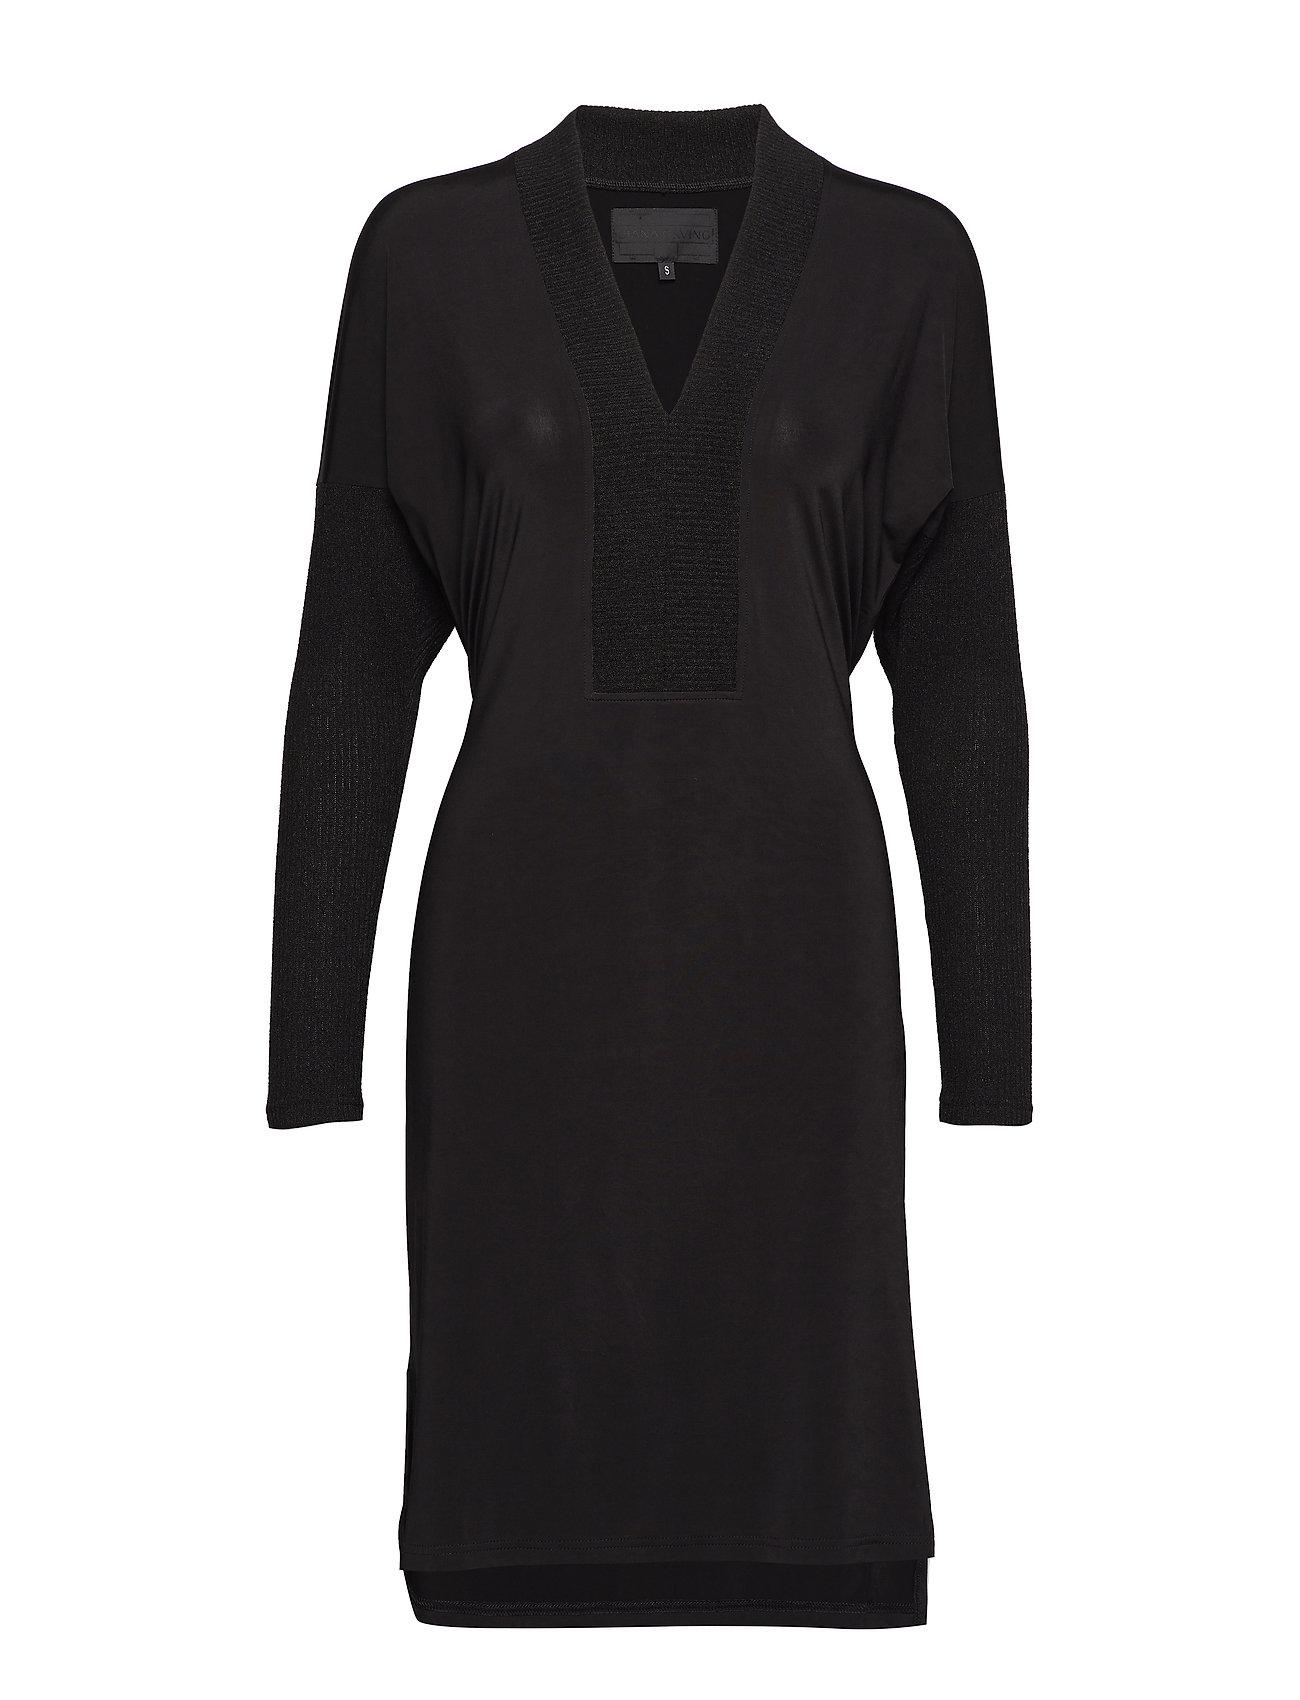 Diana Orving V-neck dress - BLACK